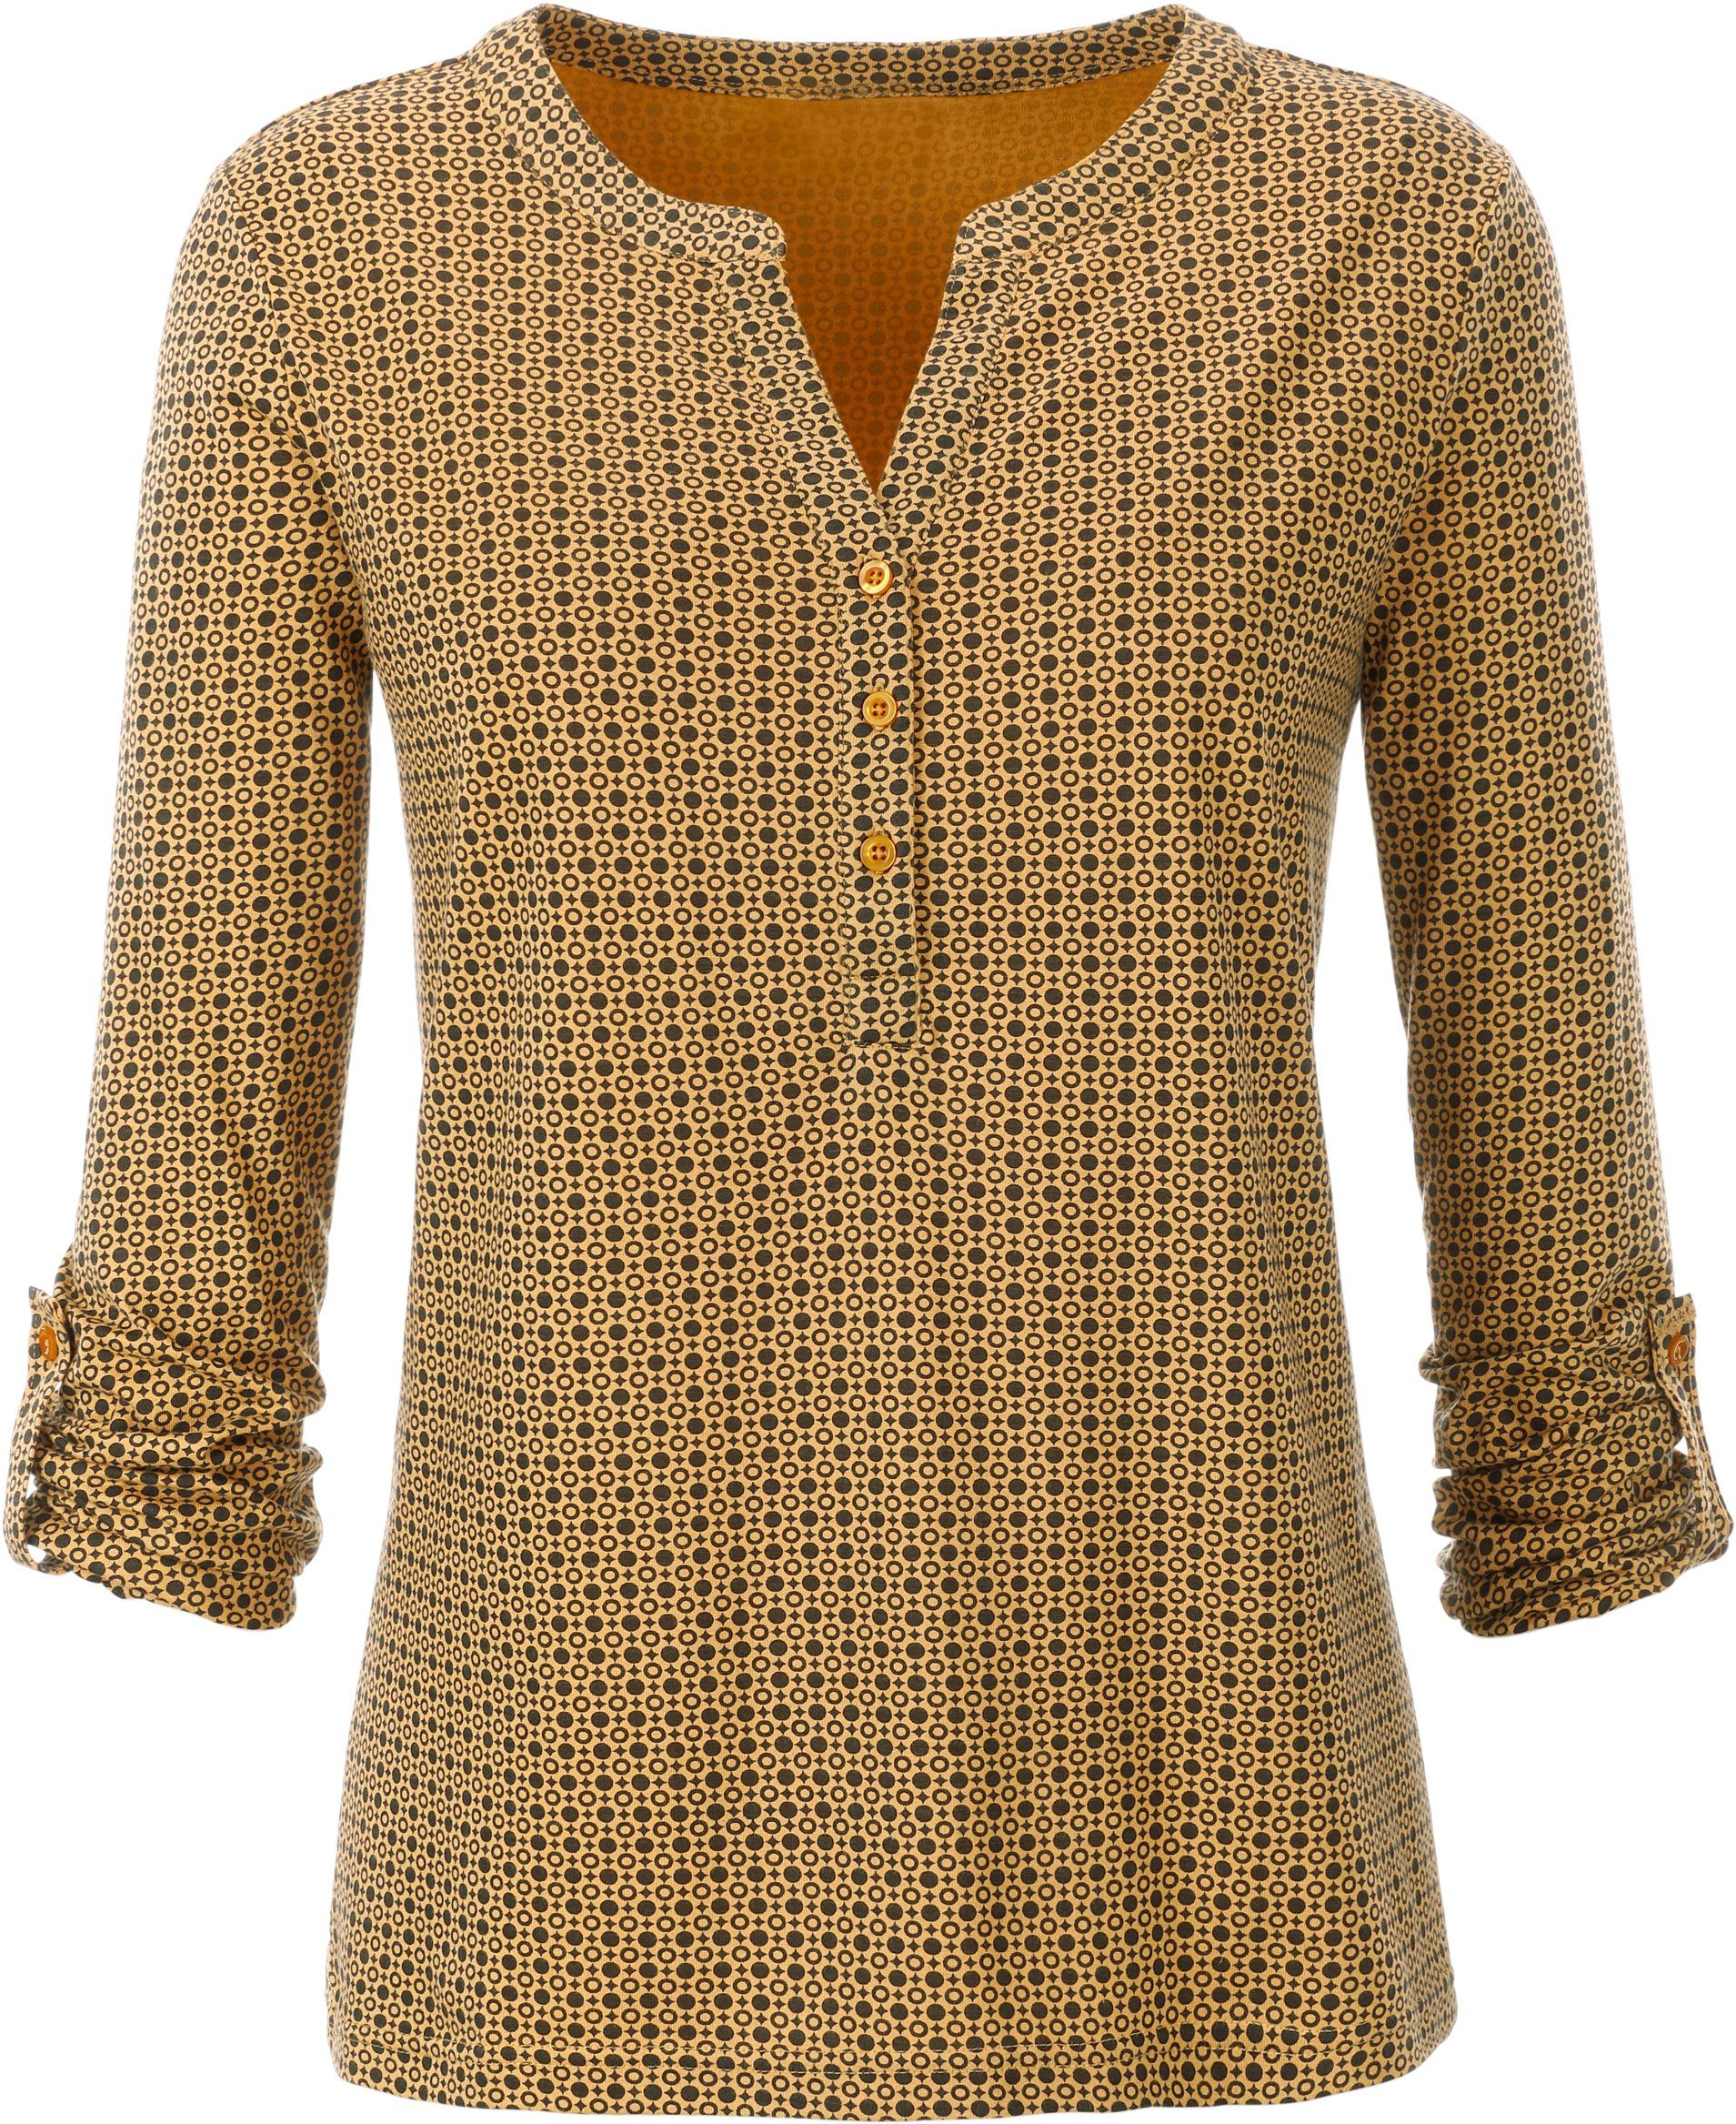 KnopfleisteFigurumschmeichelnde Kaufen Mit Online Kurzer Ambria Shirt Form wymv8ONPn0